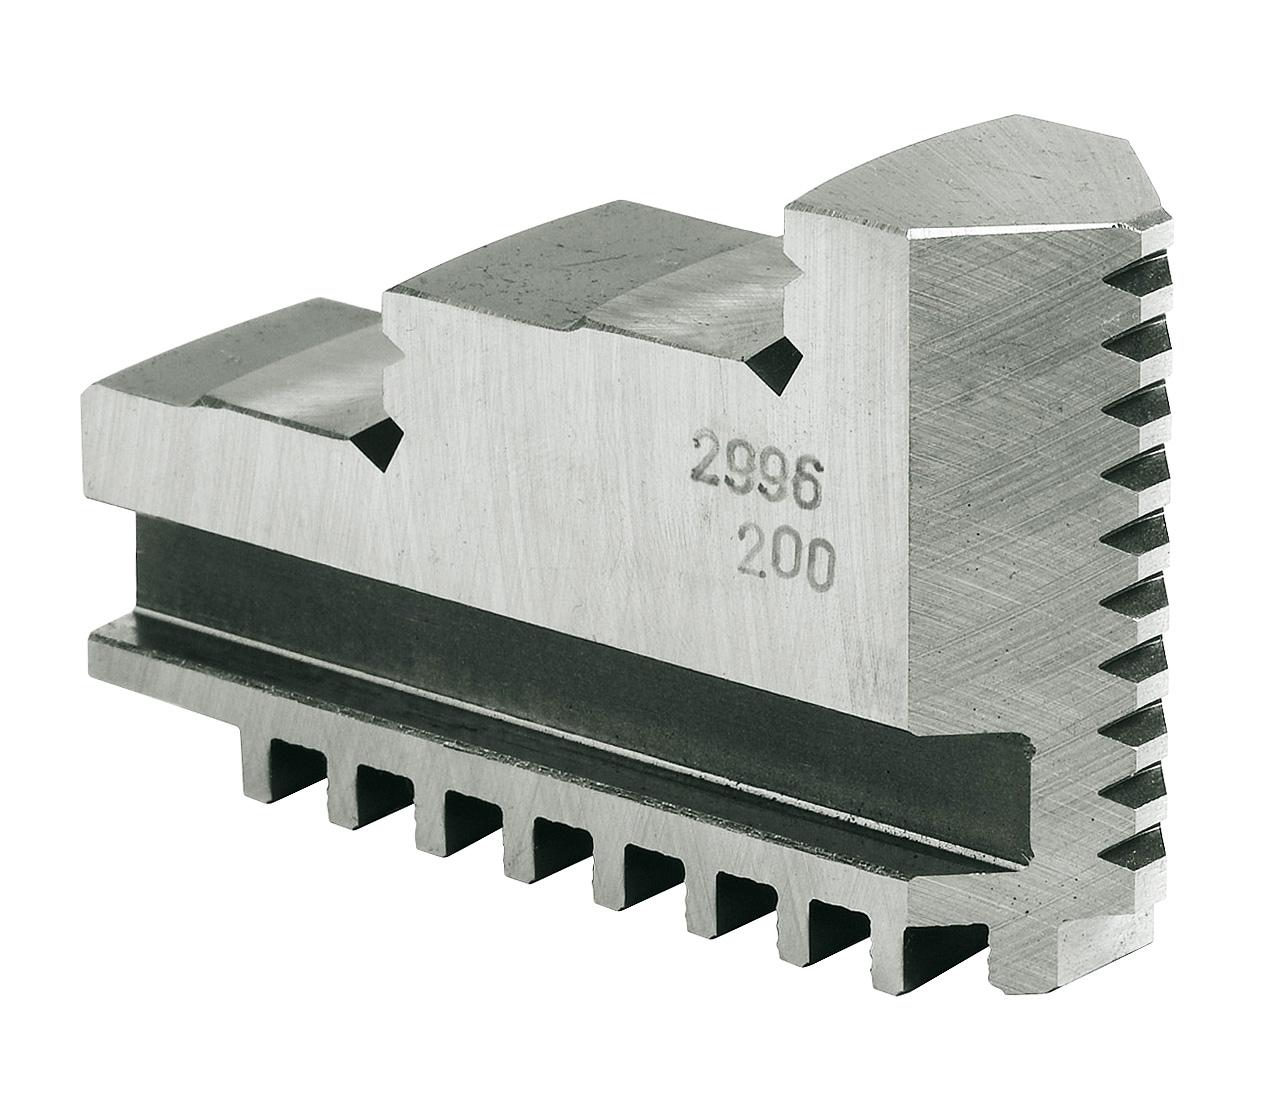 Szczęki jednolite twarde zewnętrzne - komplet DOJ-DK12-630 BERNARDO